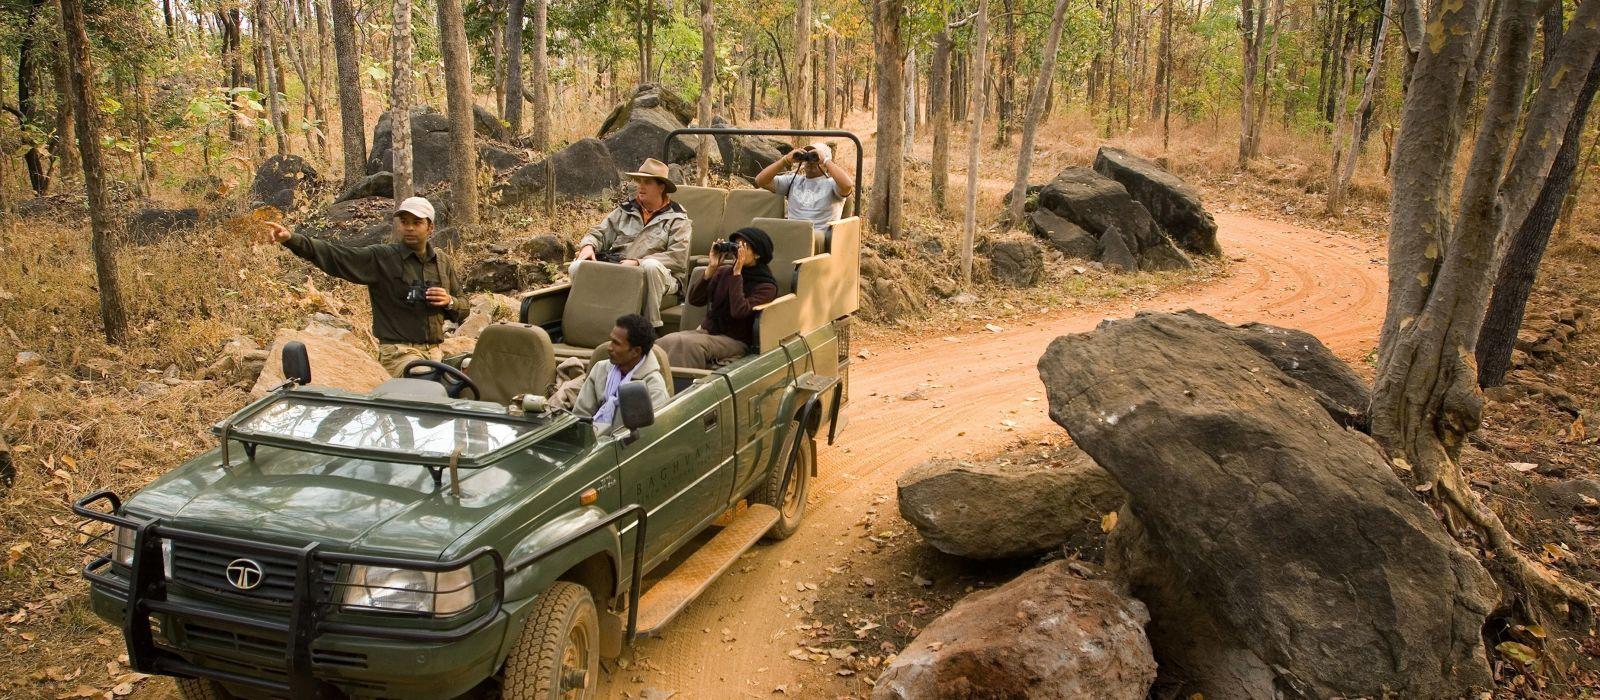 Im Land der wilden Tiger Urlaub 3